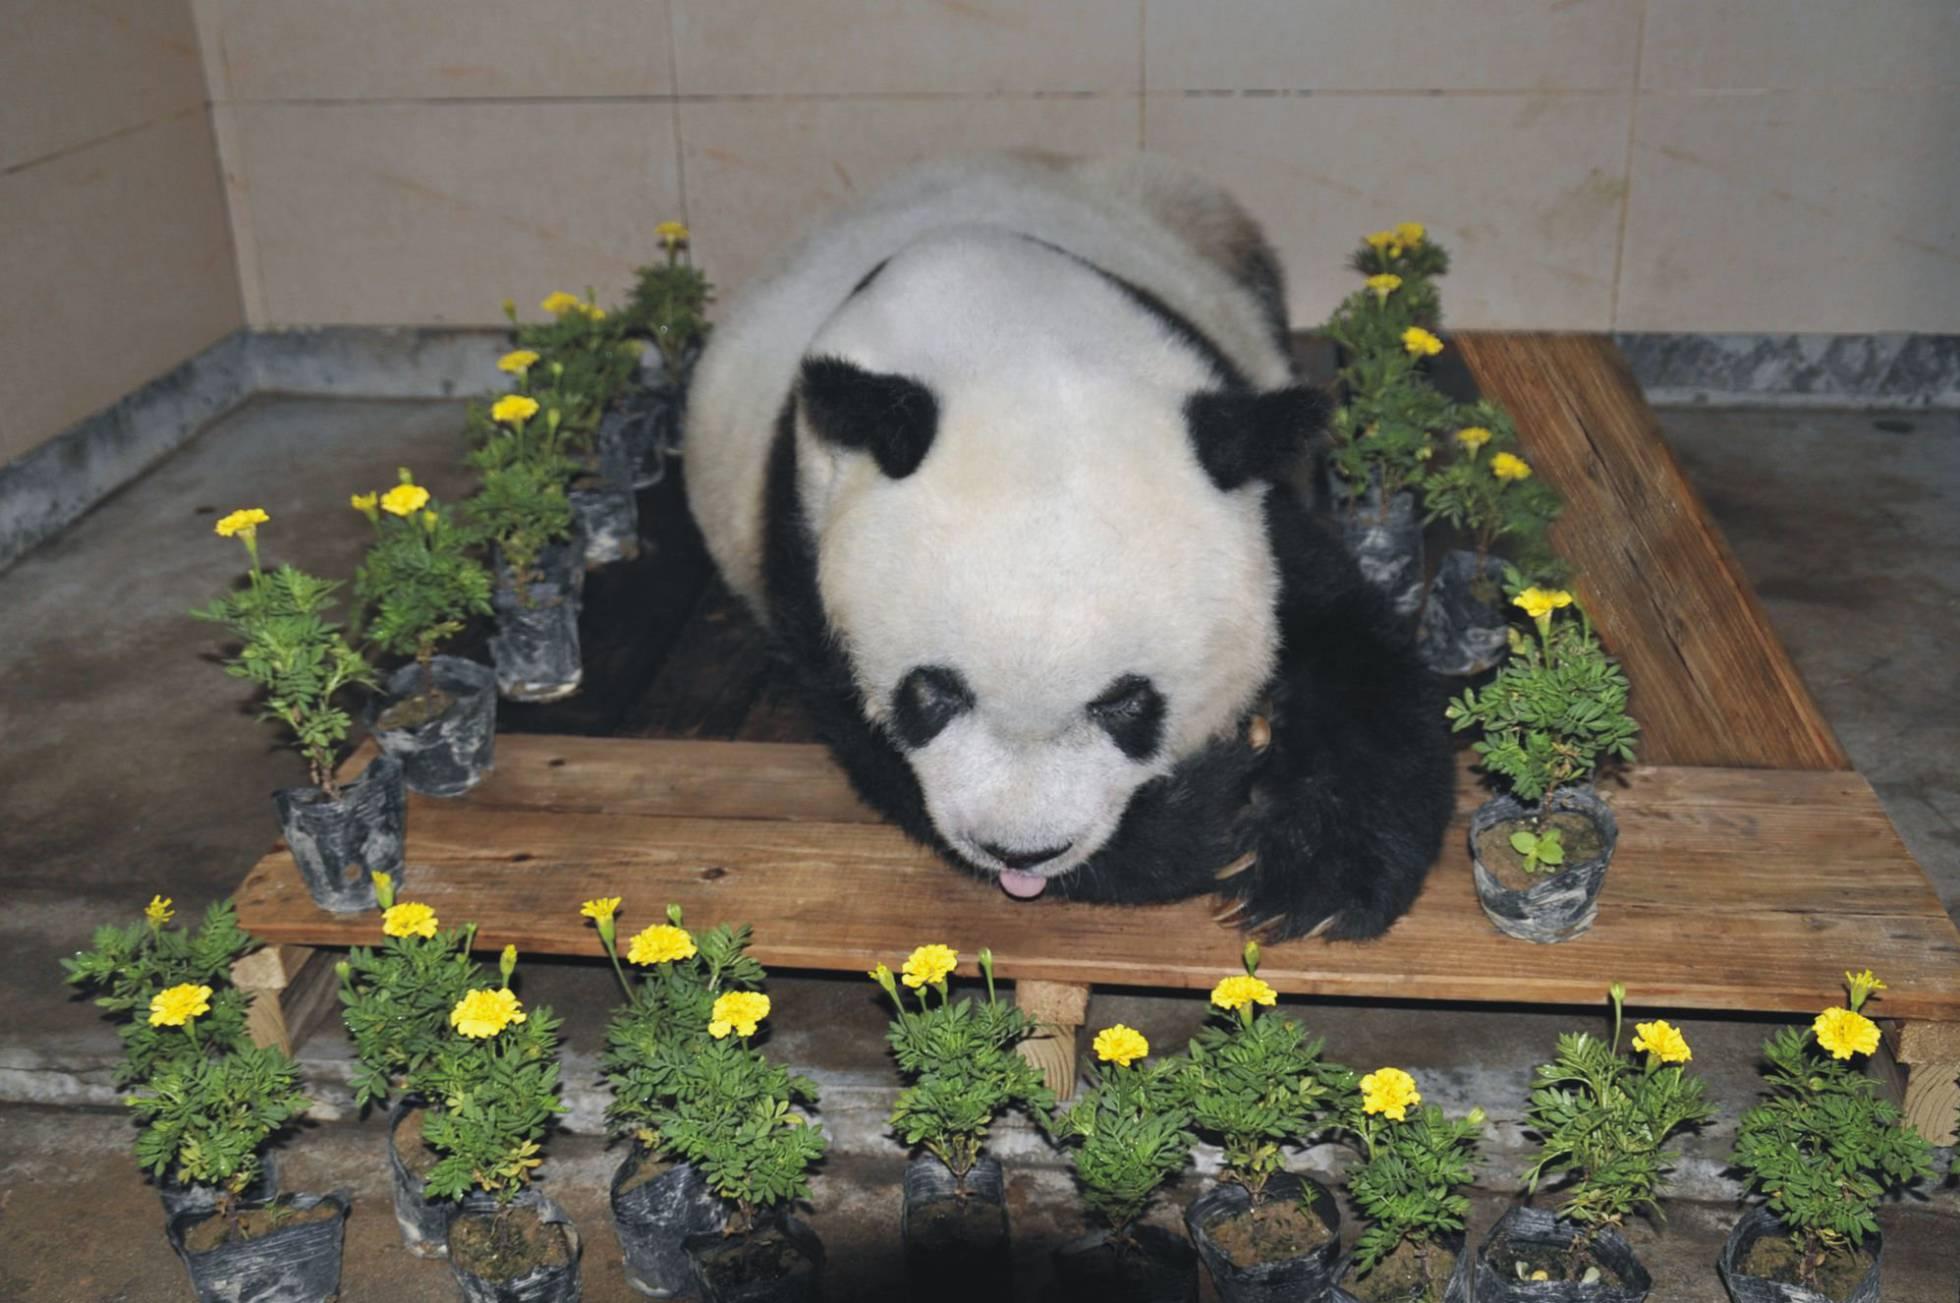 El cuerpo de 'Basi', rodeado de flores tras su muerte en Fuzhou, en la provincia china de Fujian. AFP